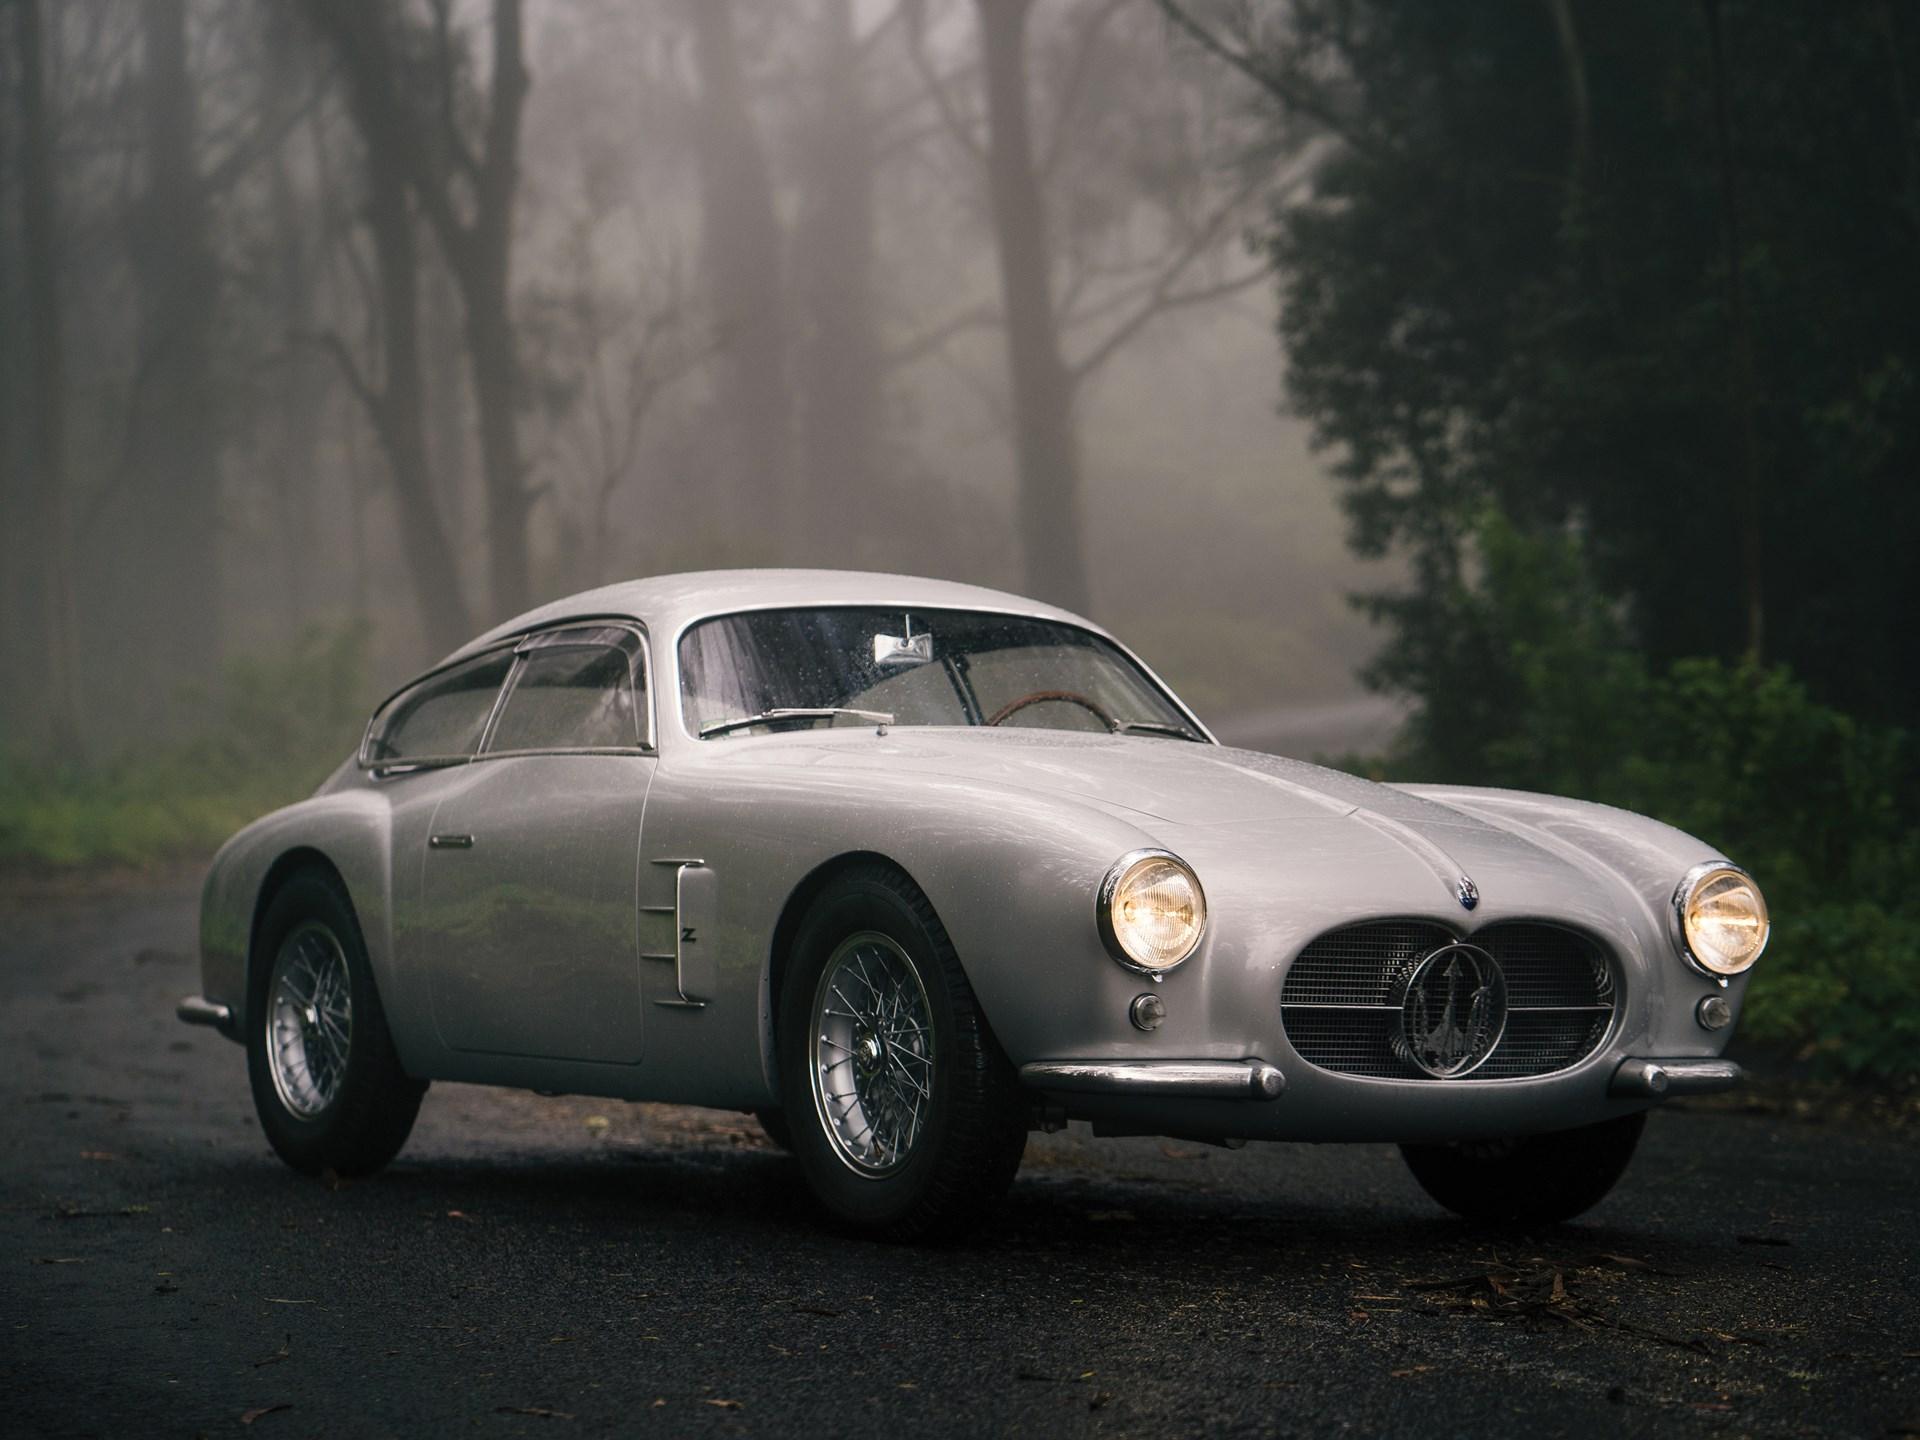 1956 Maserati A6G/54 silver 3/4